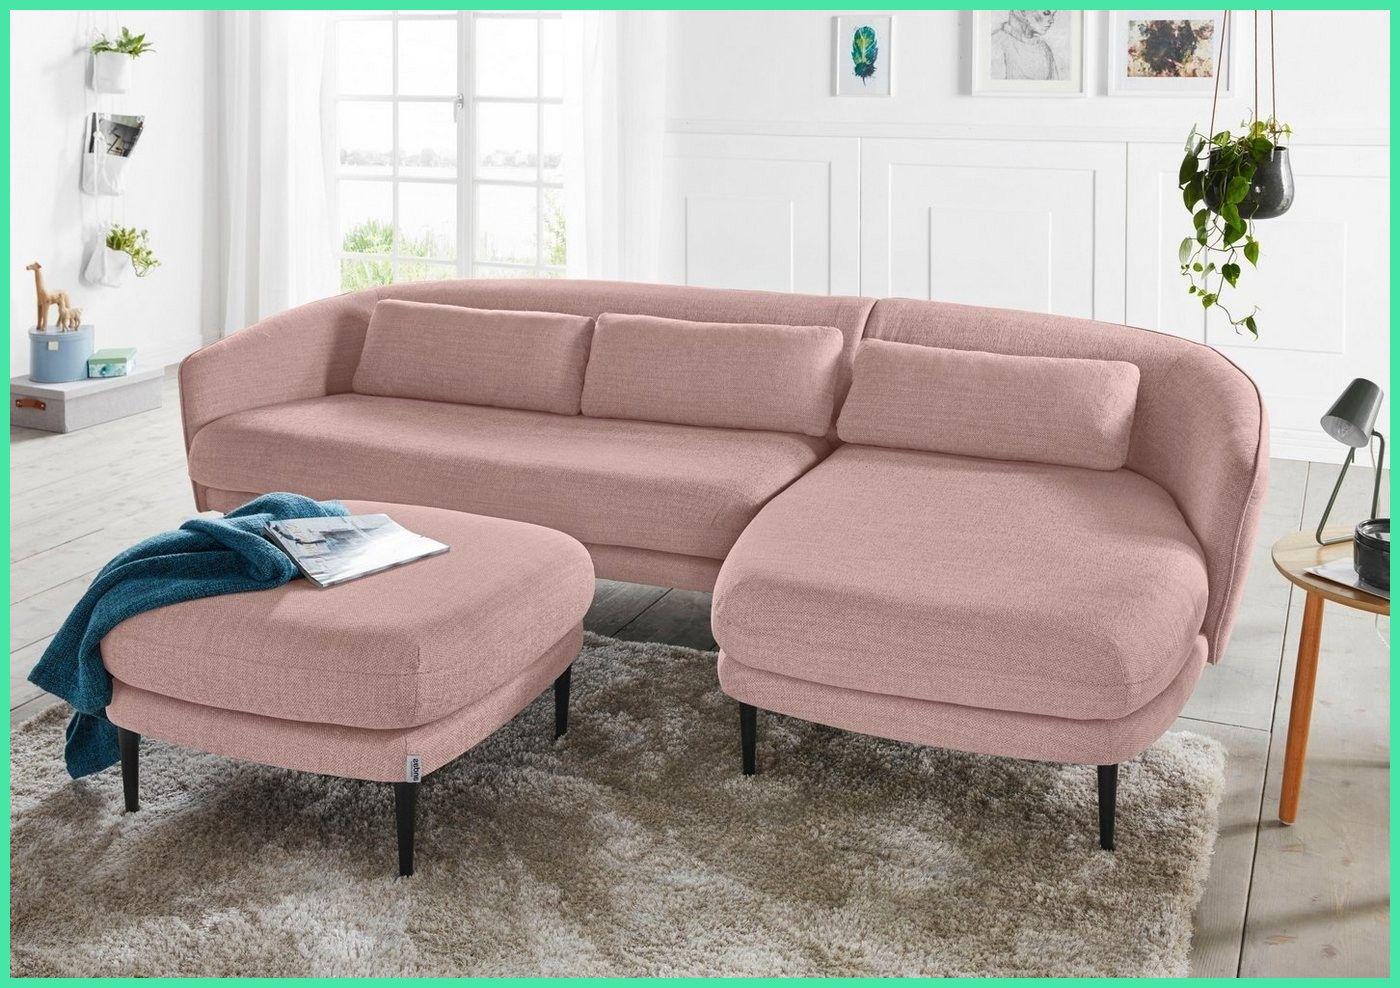 Baur Ecksofa Bella Liegelandschaft Sofa In 2020 Couch Furniture